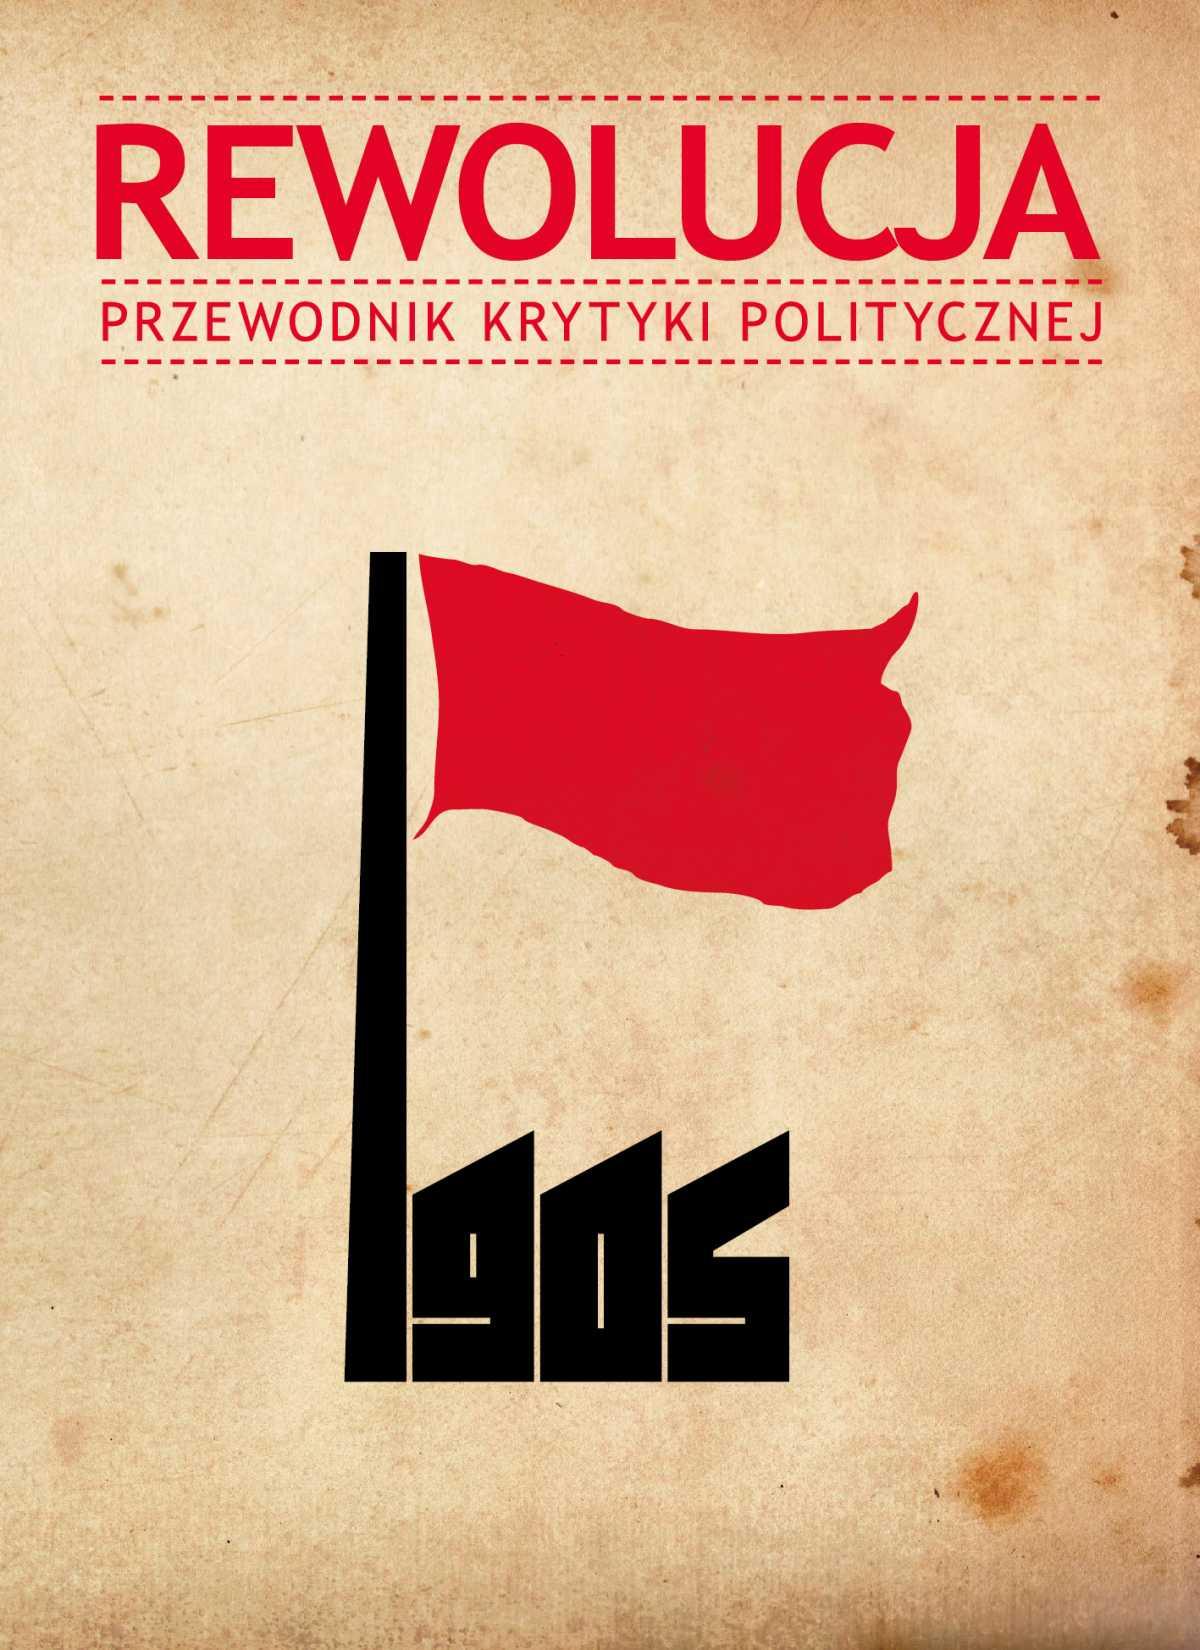 Rewolucja 1905. Przewodnik Krytyki politycznej - Ebook (Książka EPUB) do pobrania w formacie EPUB